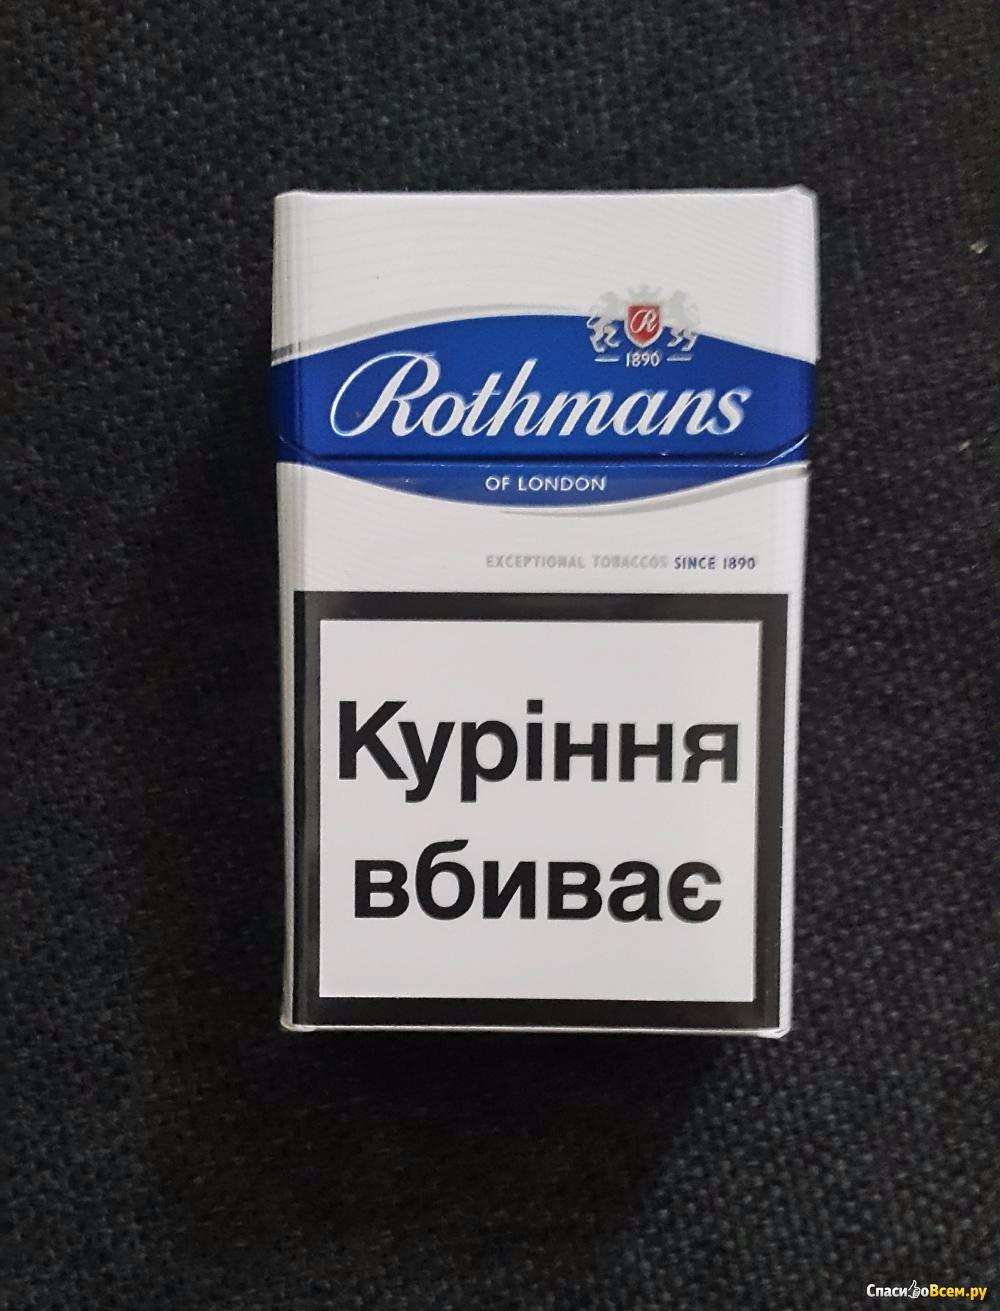 трогательные сигарет ротманс картинка звезды напоминал знаменитую